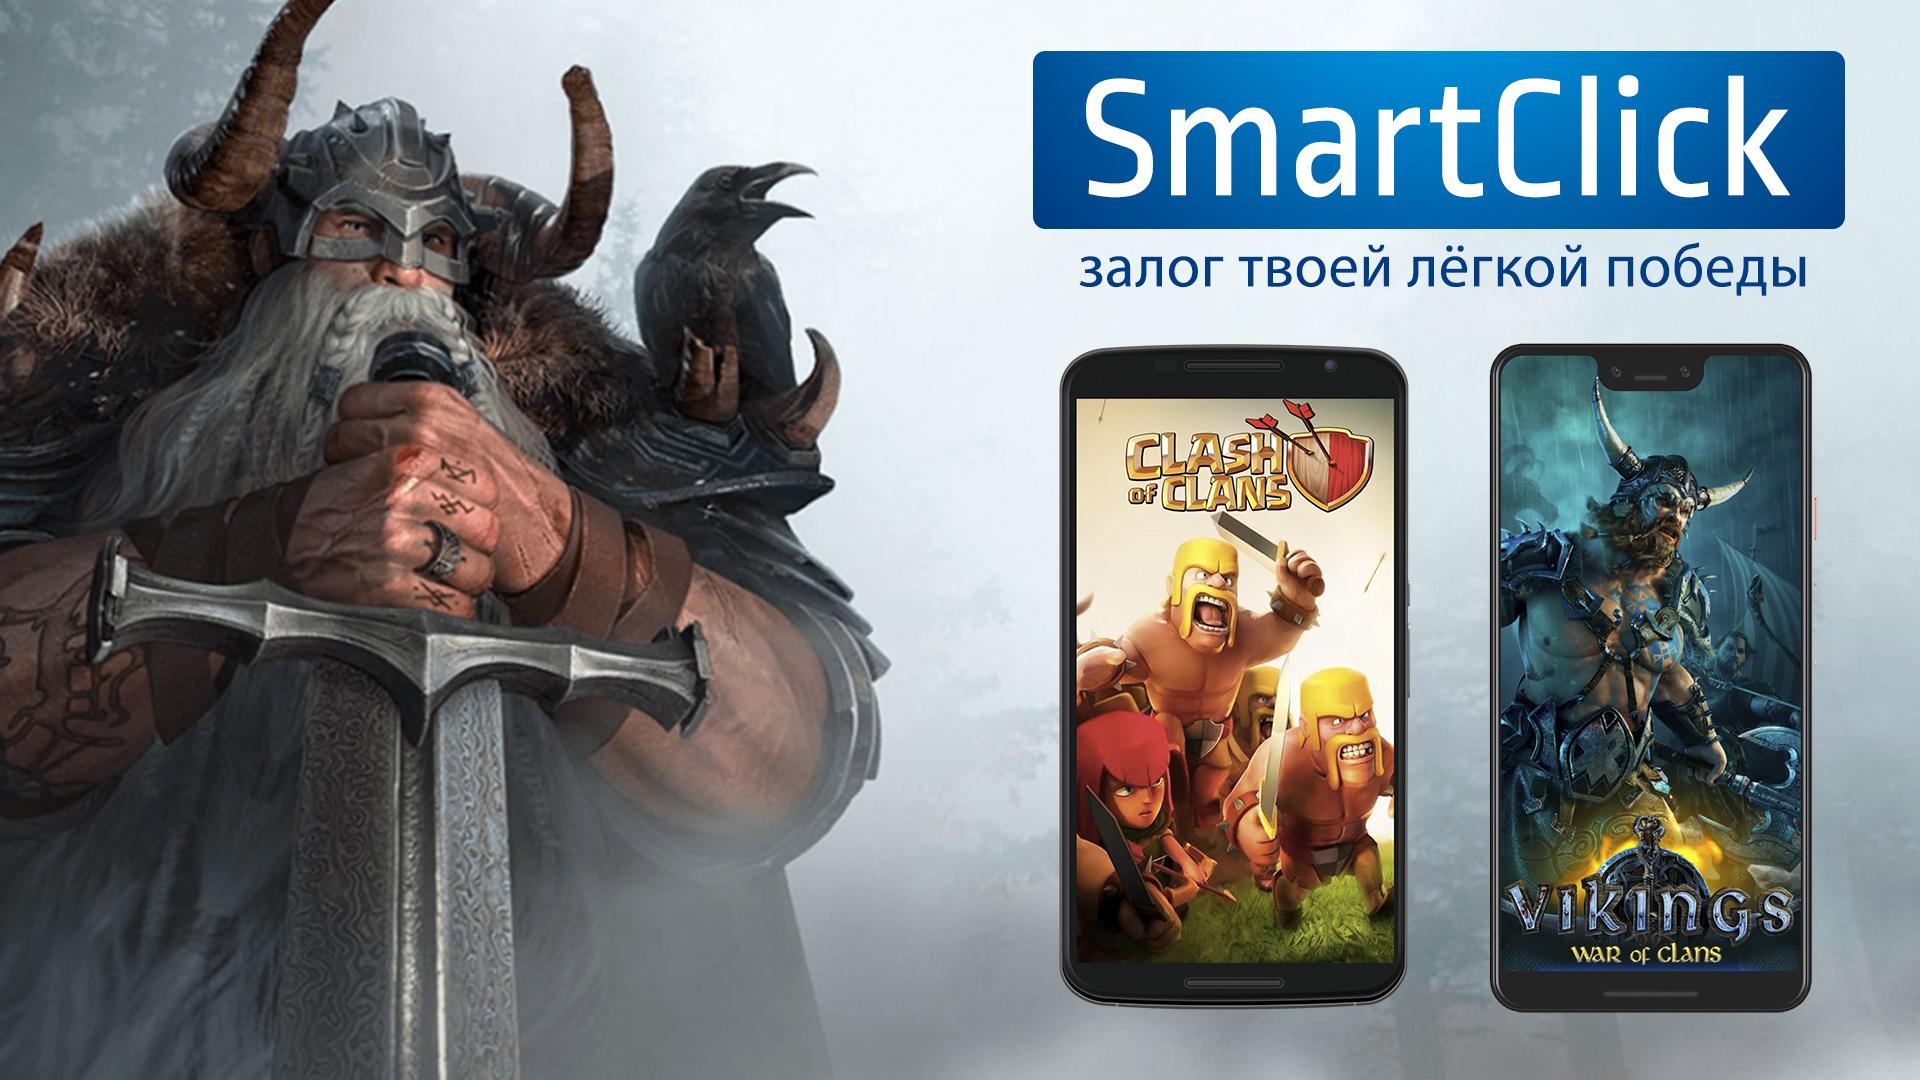 Разработка рекламного баннера мобильного приложения фото f_5115c06838799b33.jpg